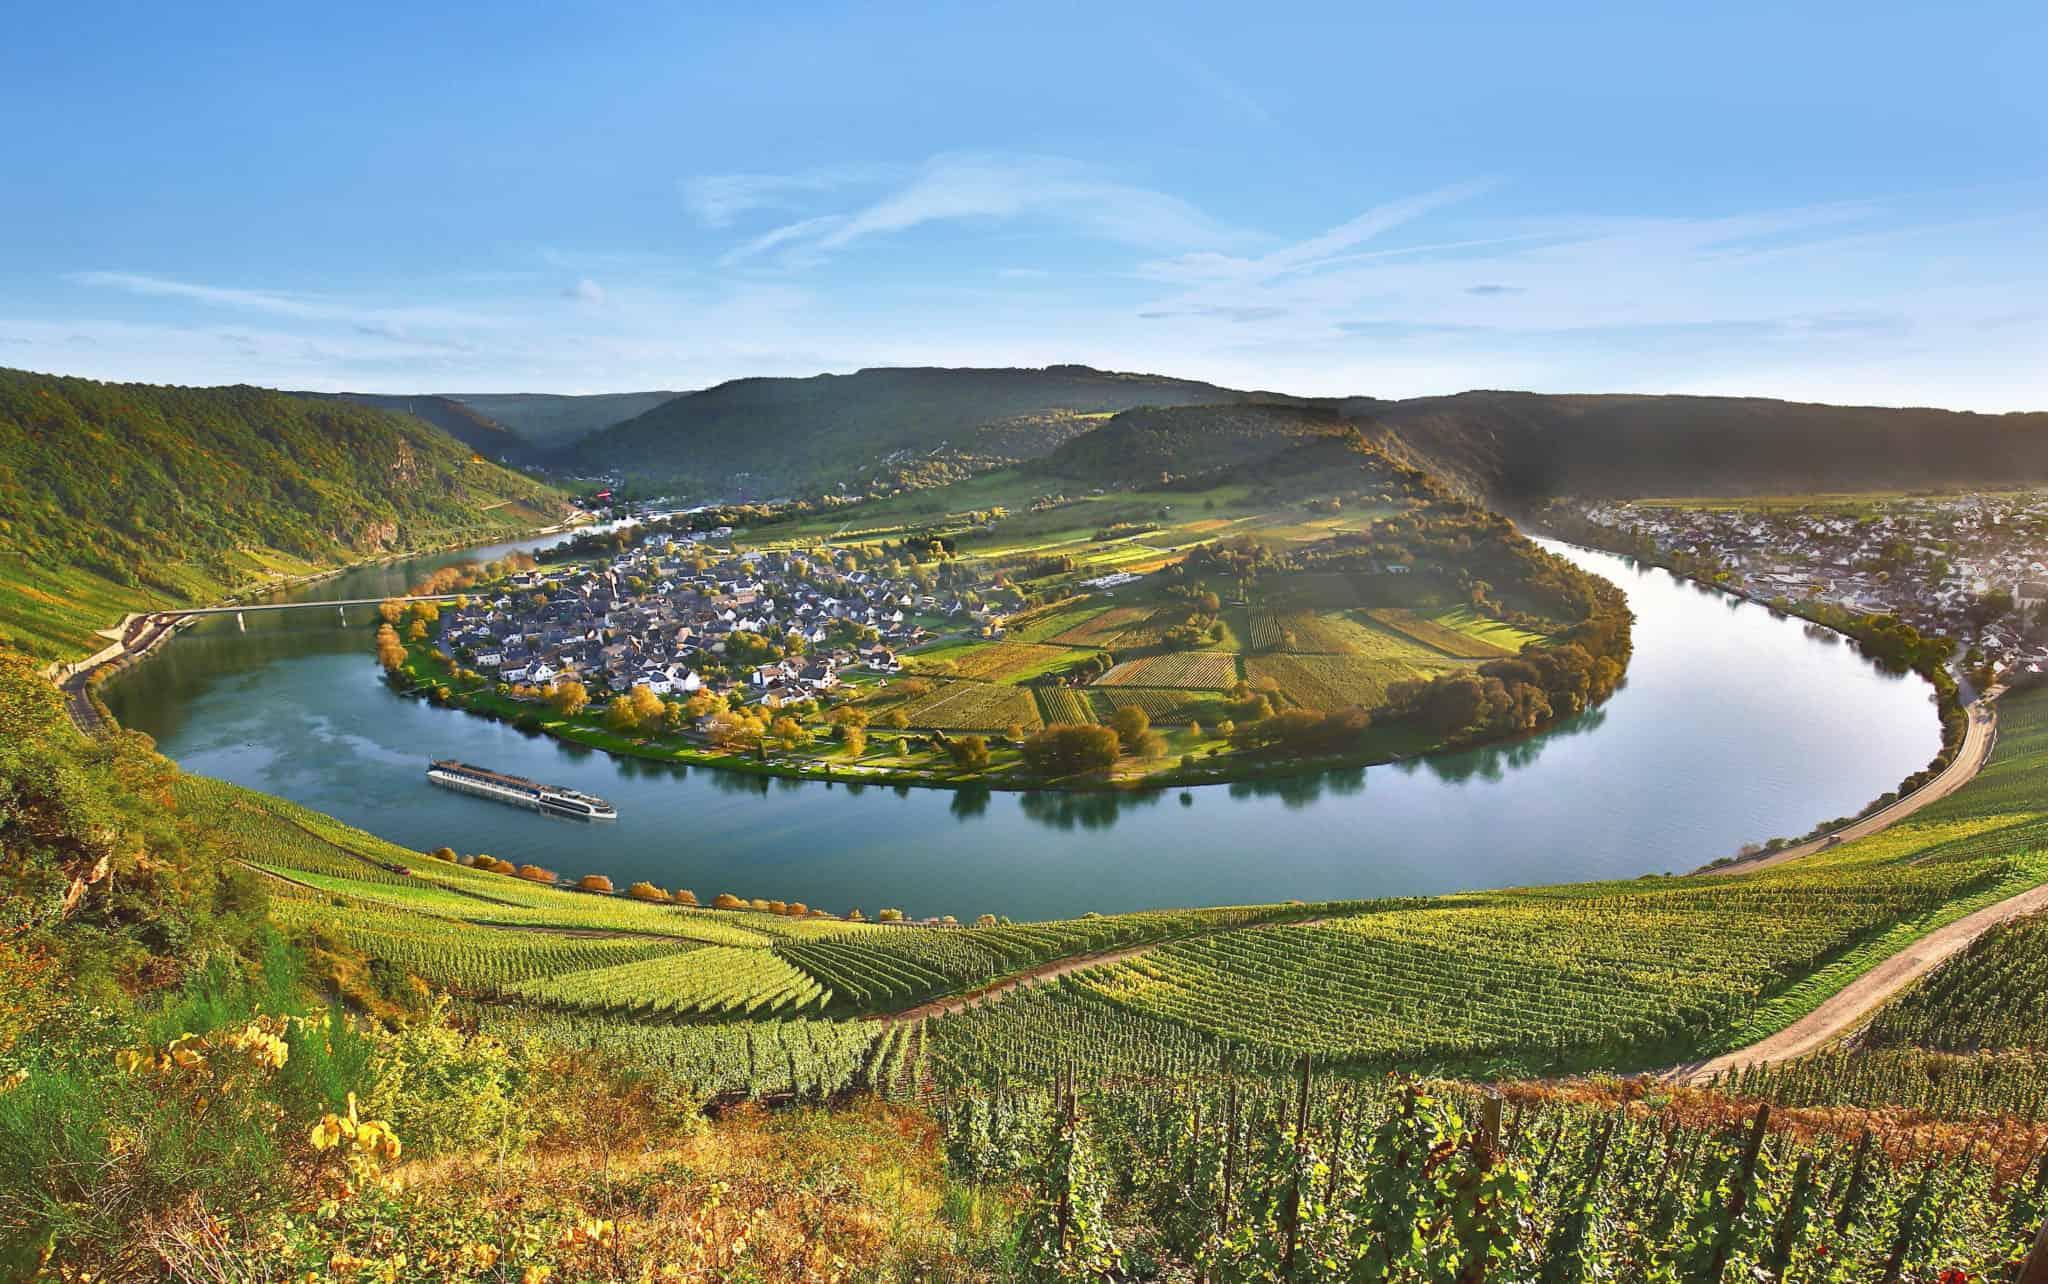 moselle loop river cruise vineyards